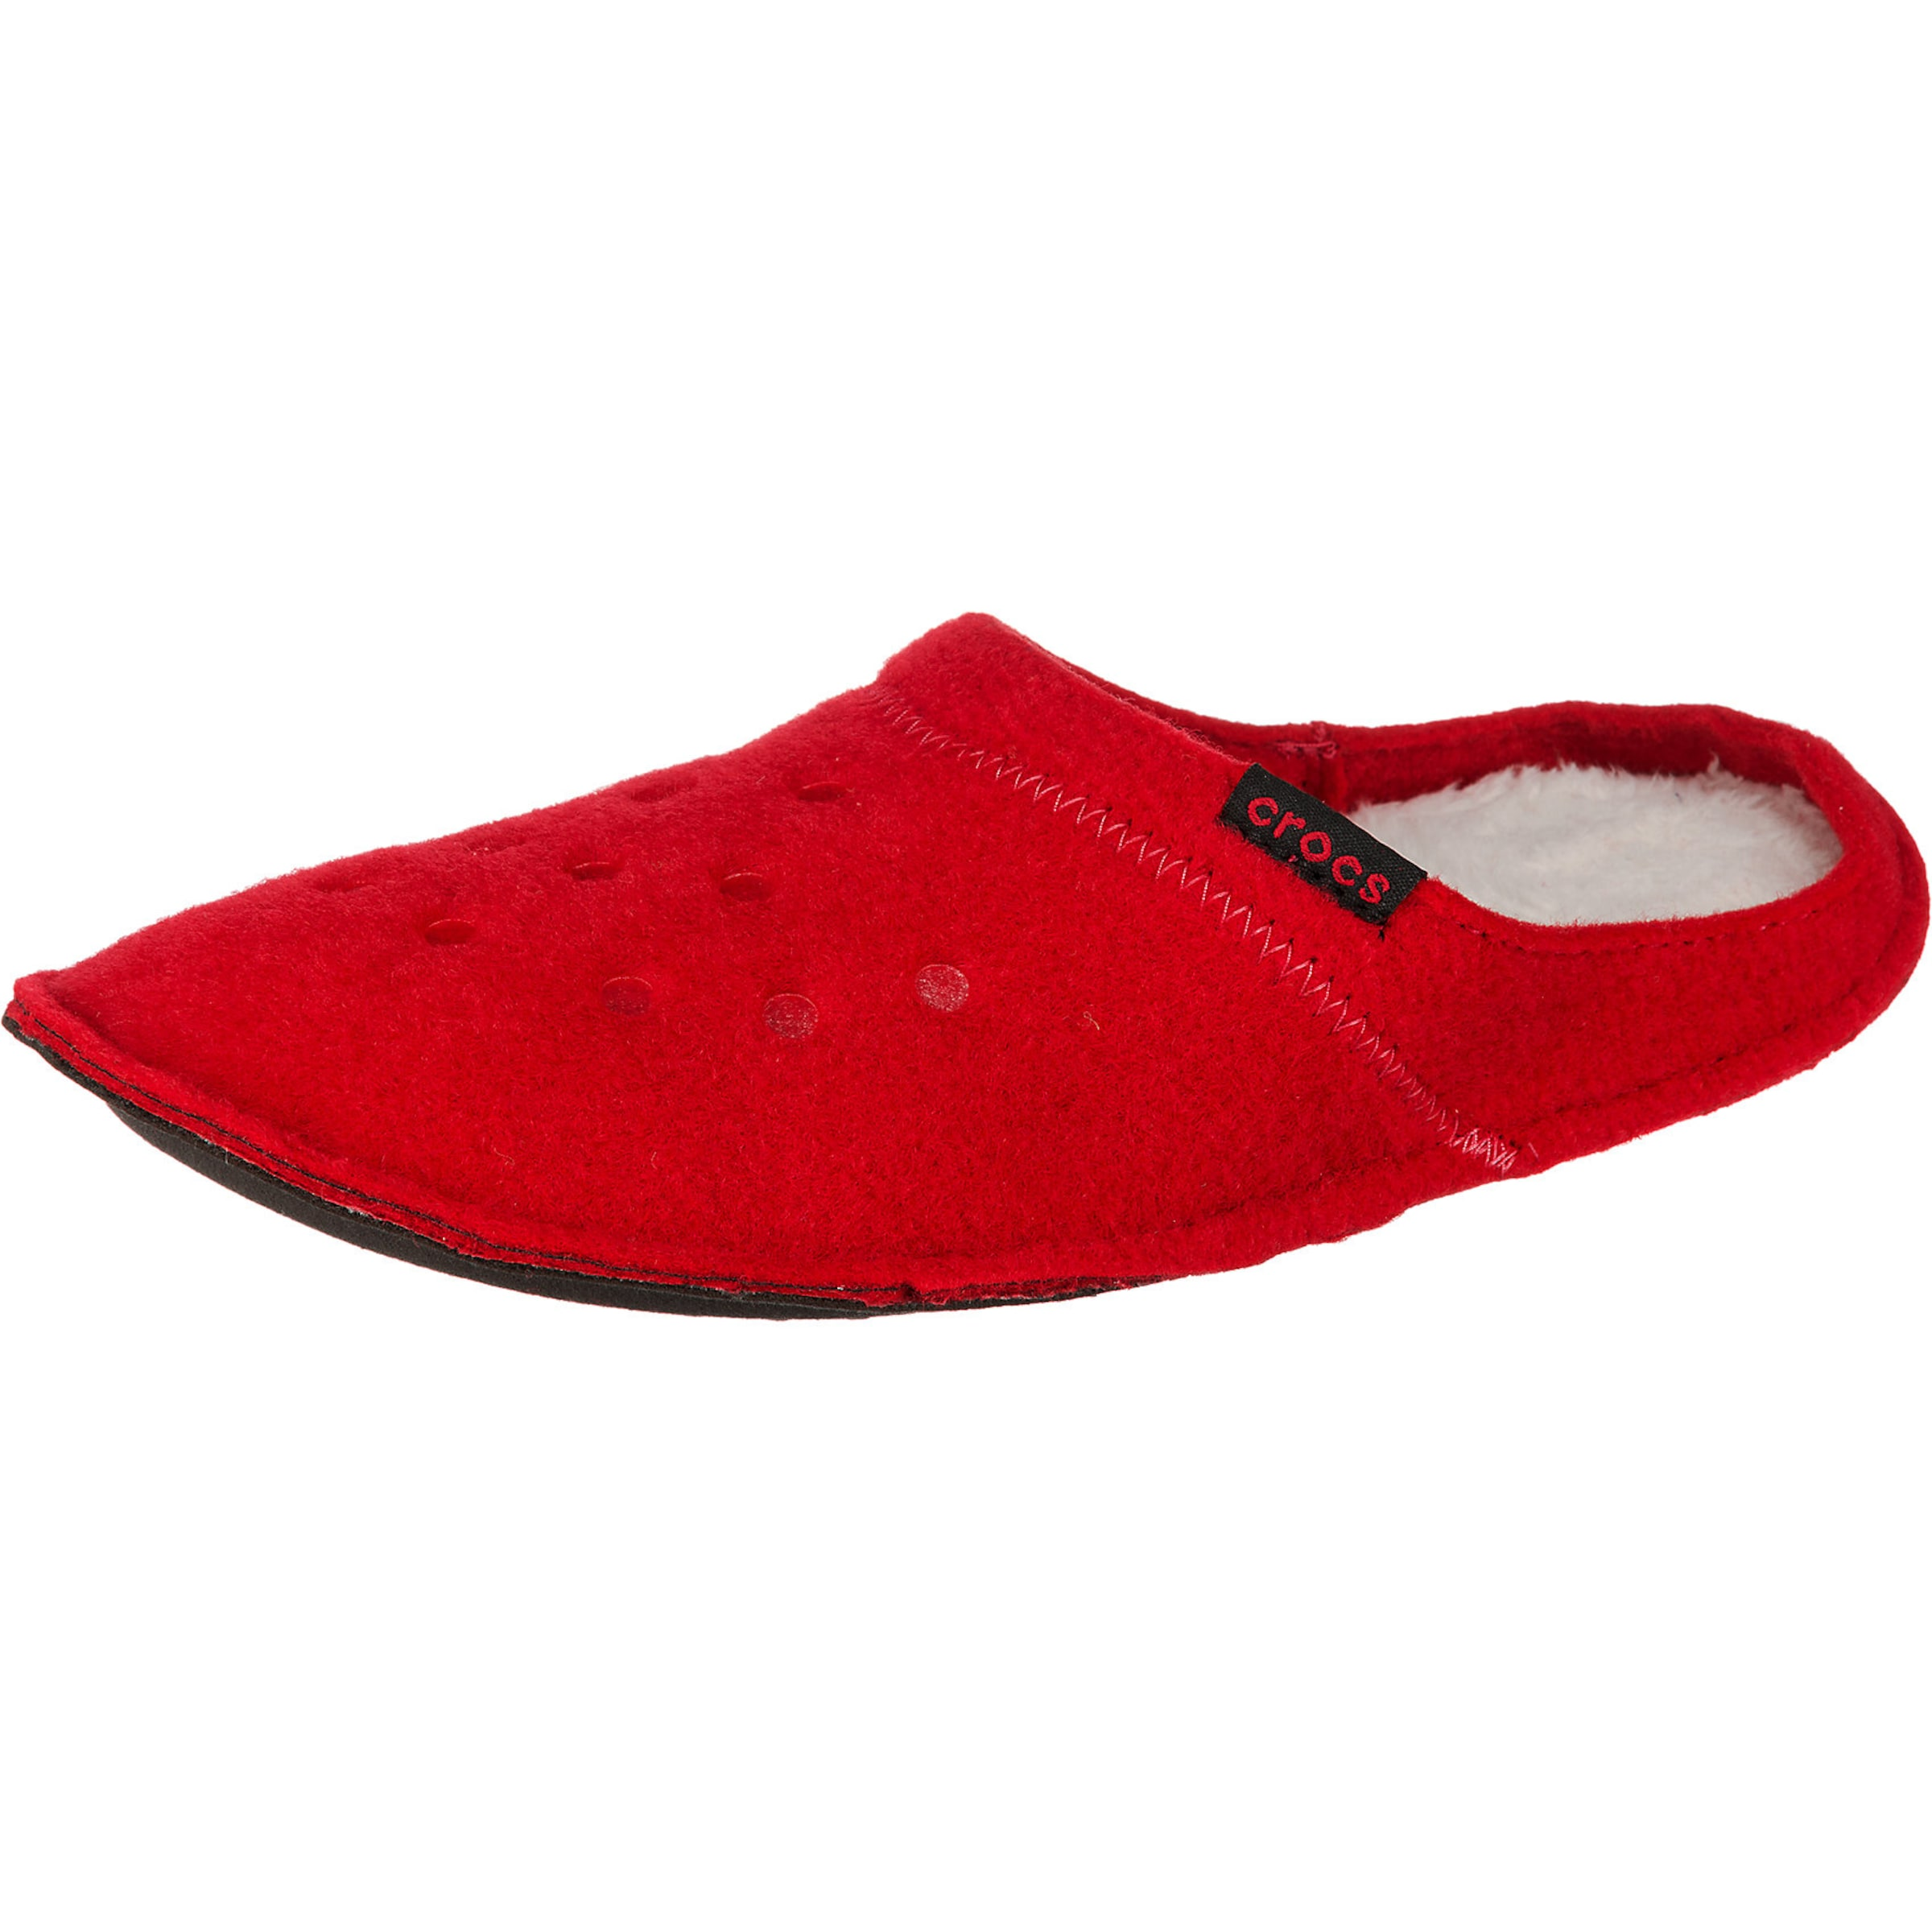 Crocs Classic Hausschuhe Verschleißfeste billige Schuhe